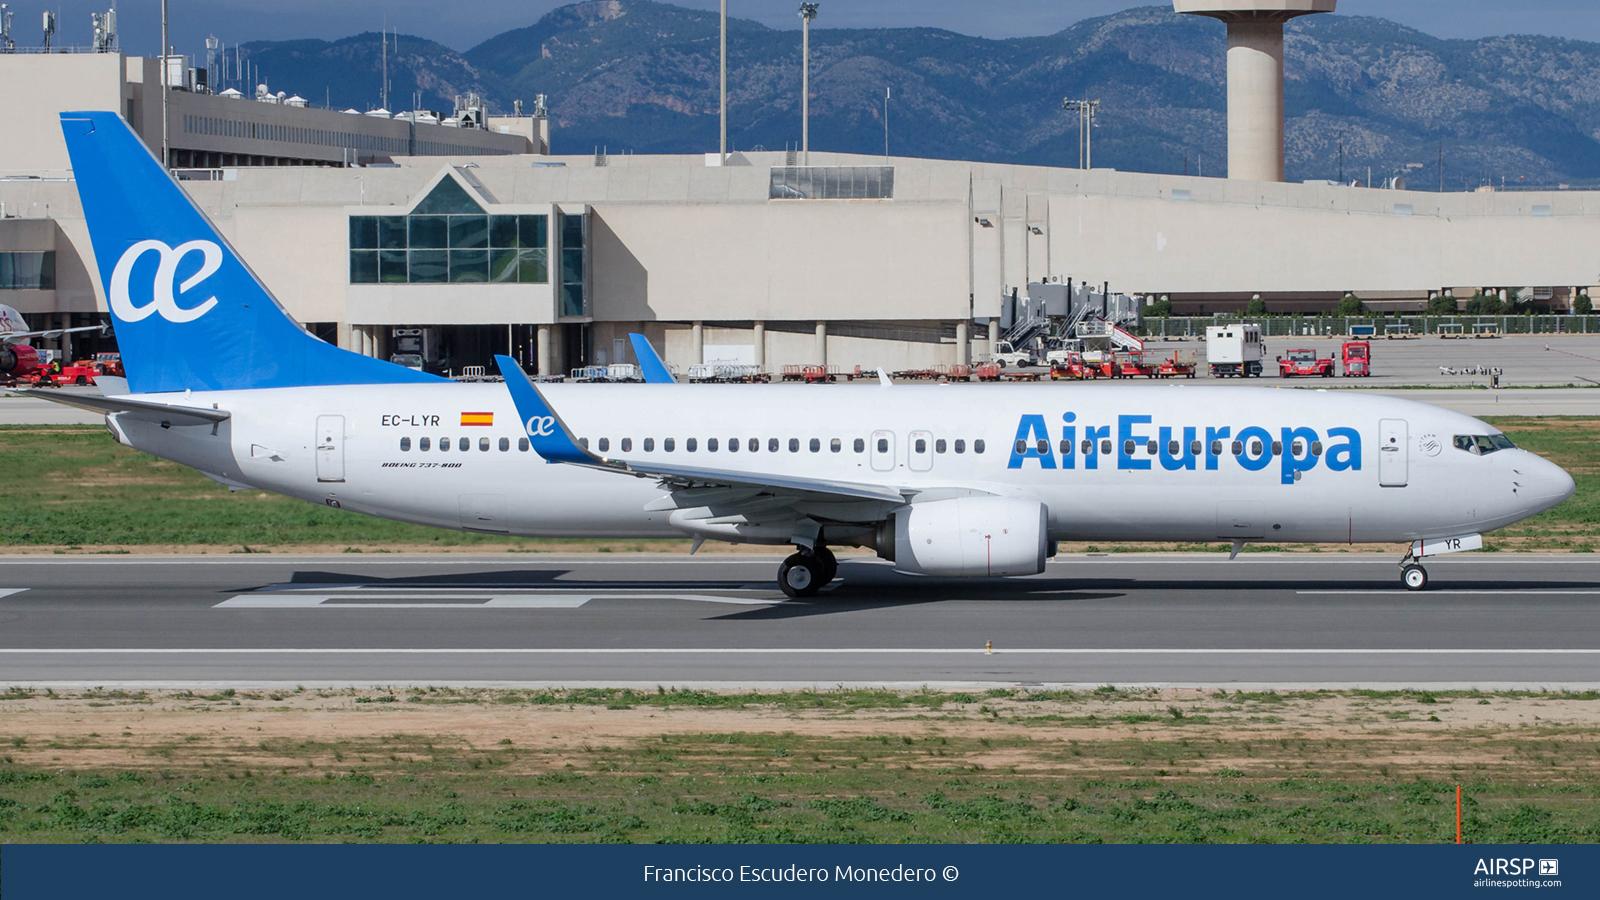 Air Europa  Boeing 737-800  EC-LYR